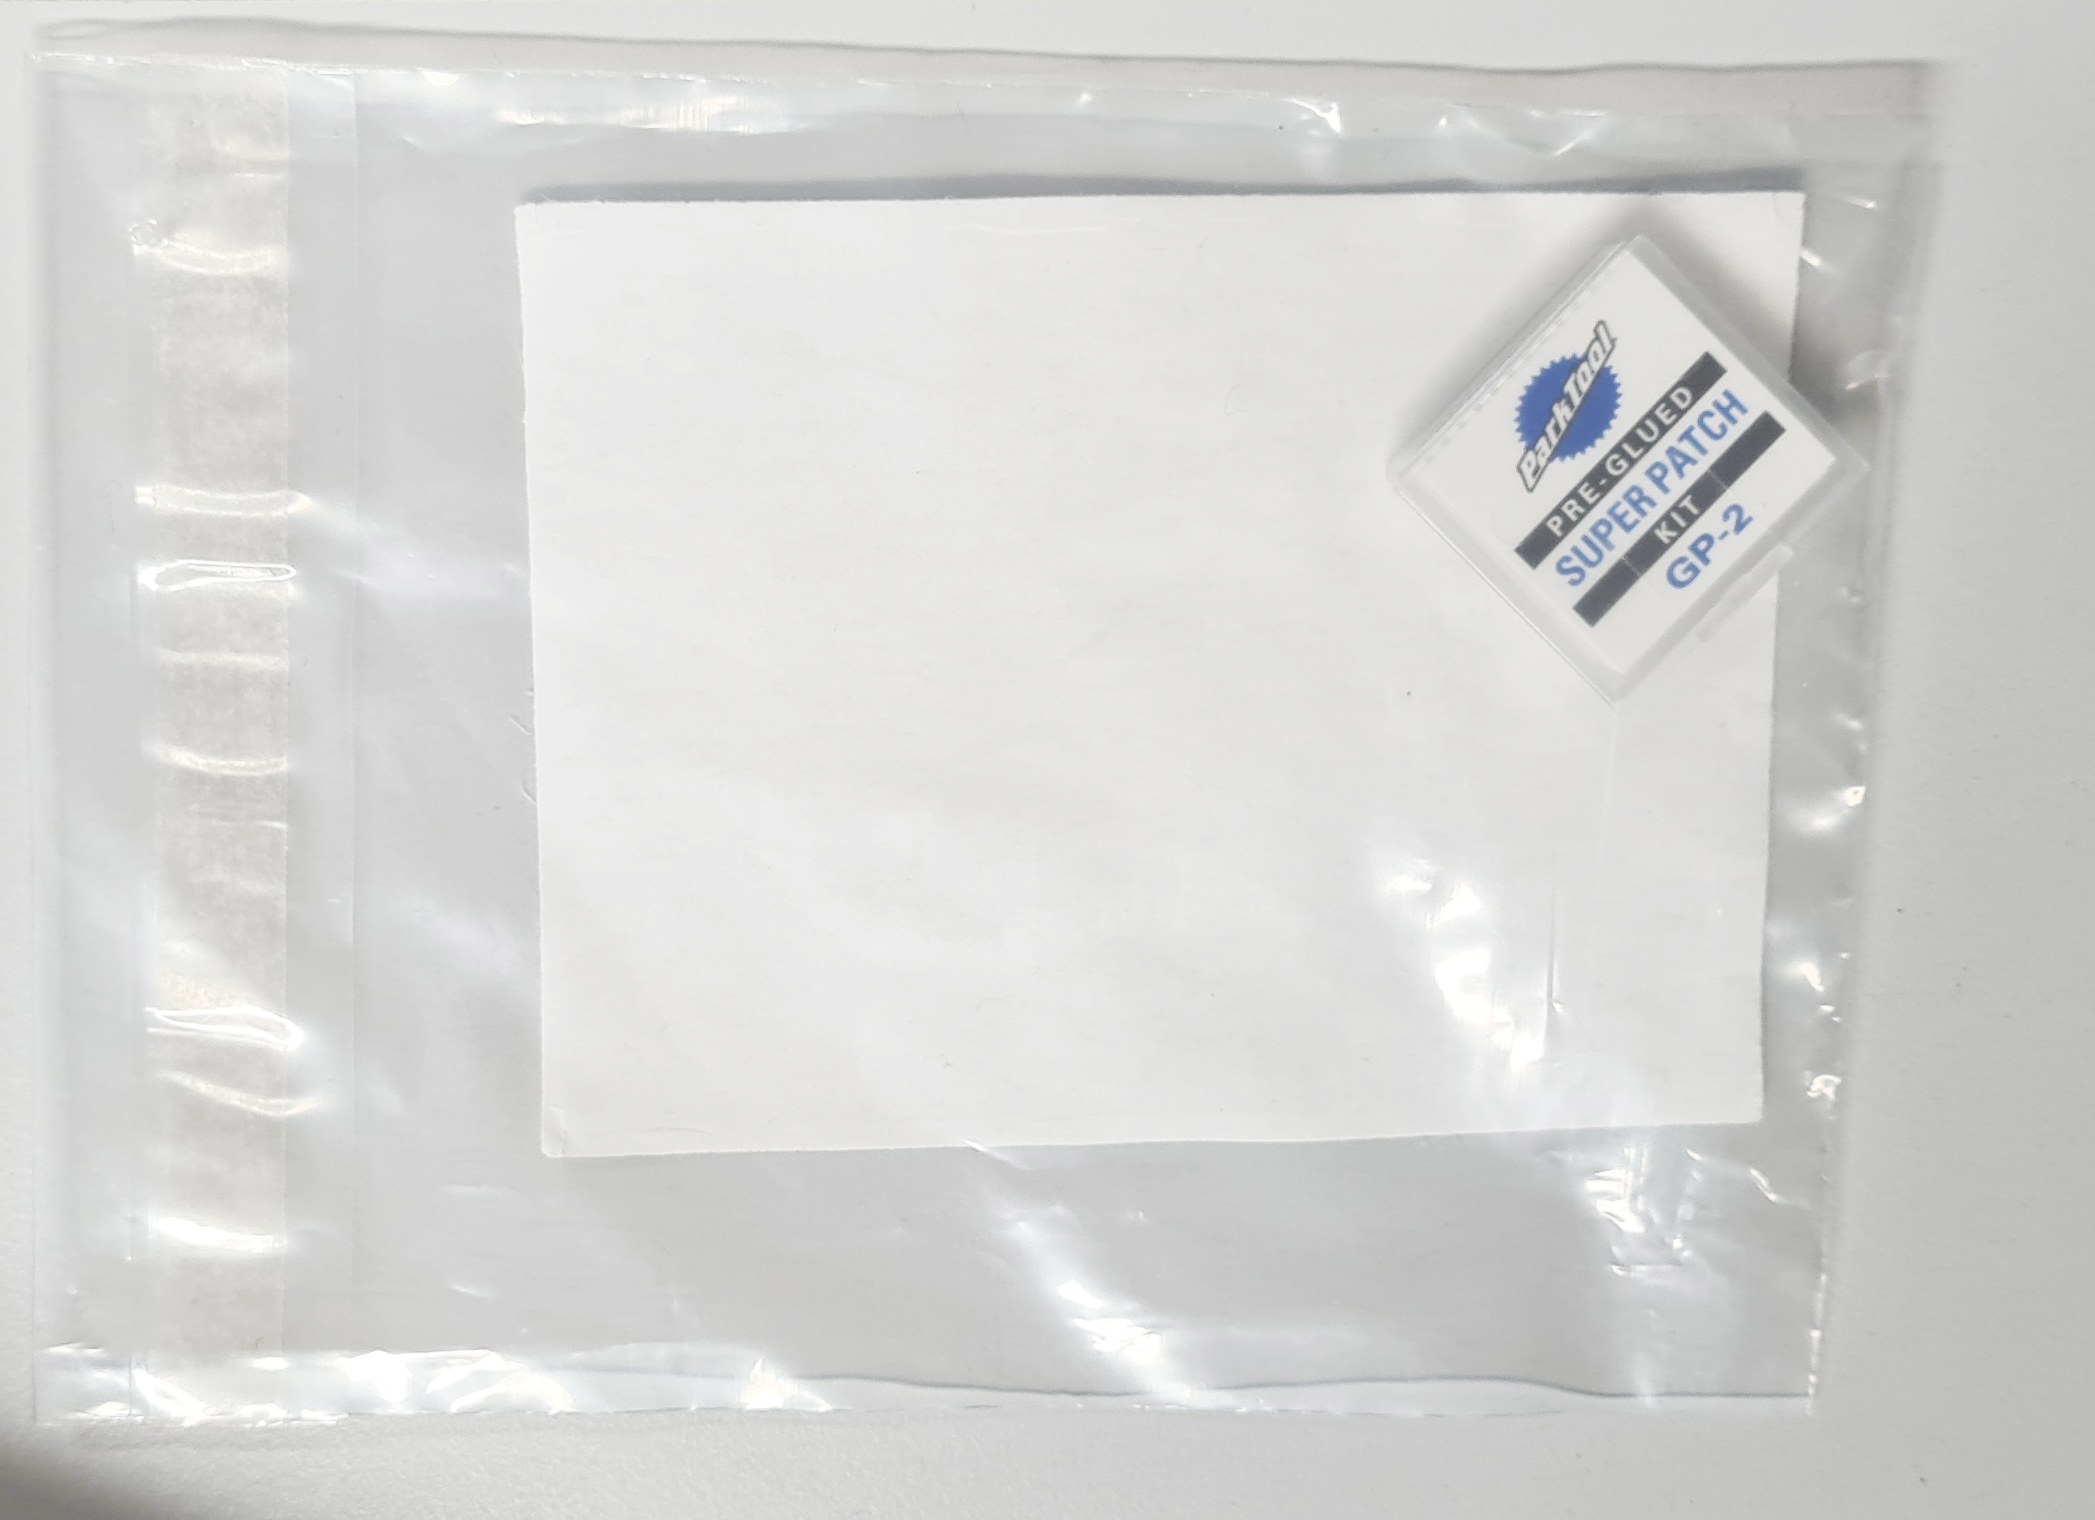 Duotone Repair Patches und Klebesegel - Patch für Bladders (Tubes) und Segel Reparatur